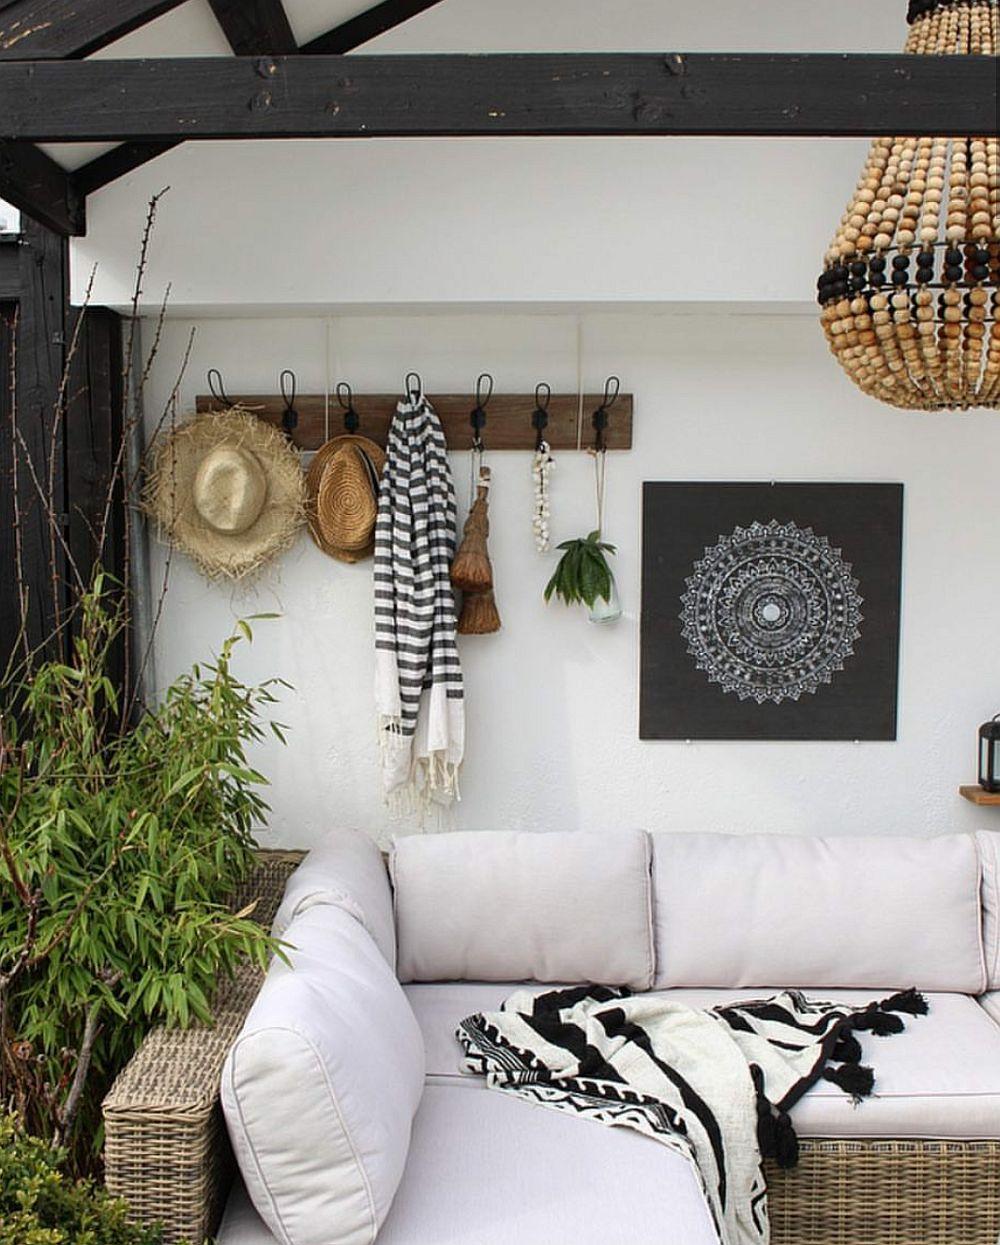 adelaparvu.com despre terasa in stil Nordic Boho, designer si foto Kristen Skovbon (8)